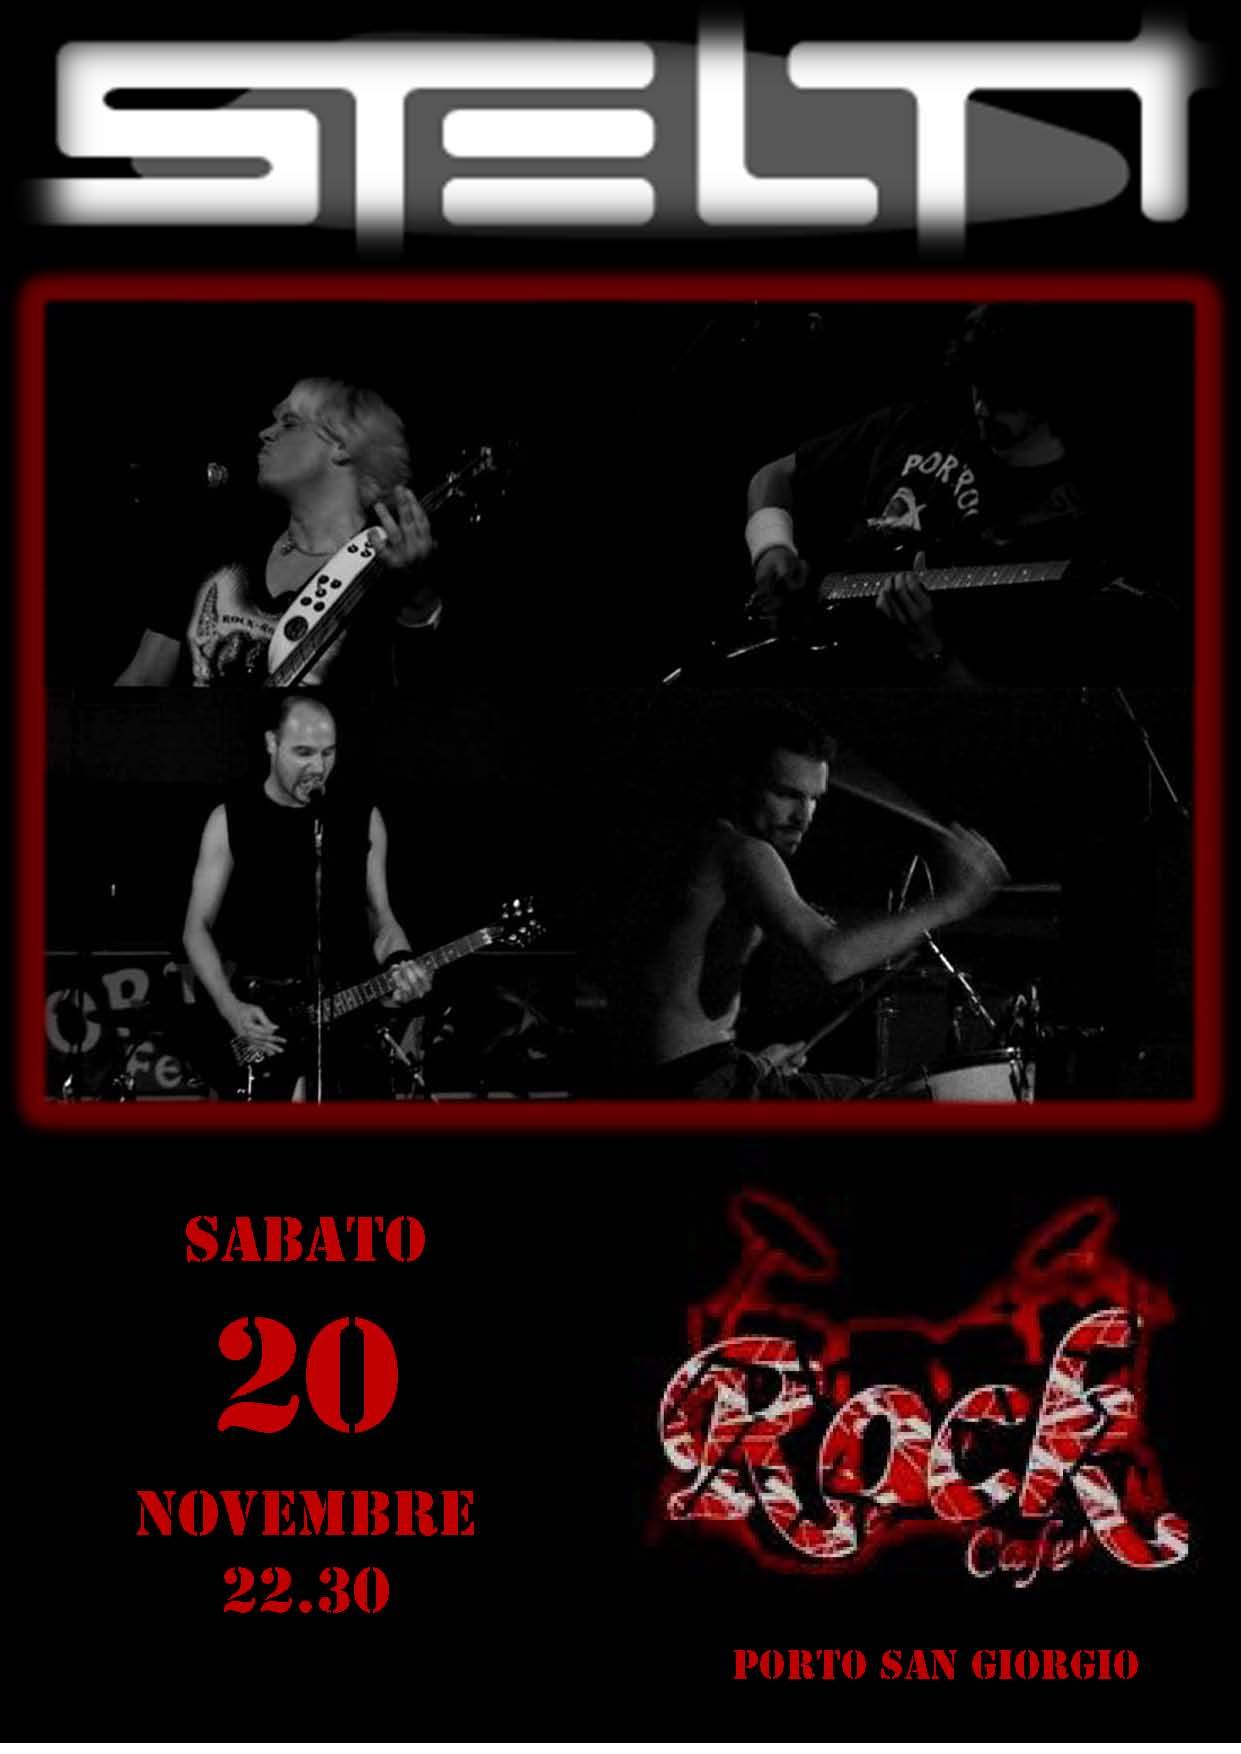 Live@Rock Café, Marche, Italy - 20.11.2010